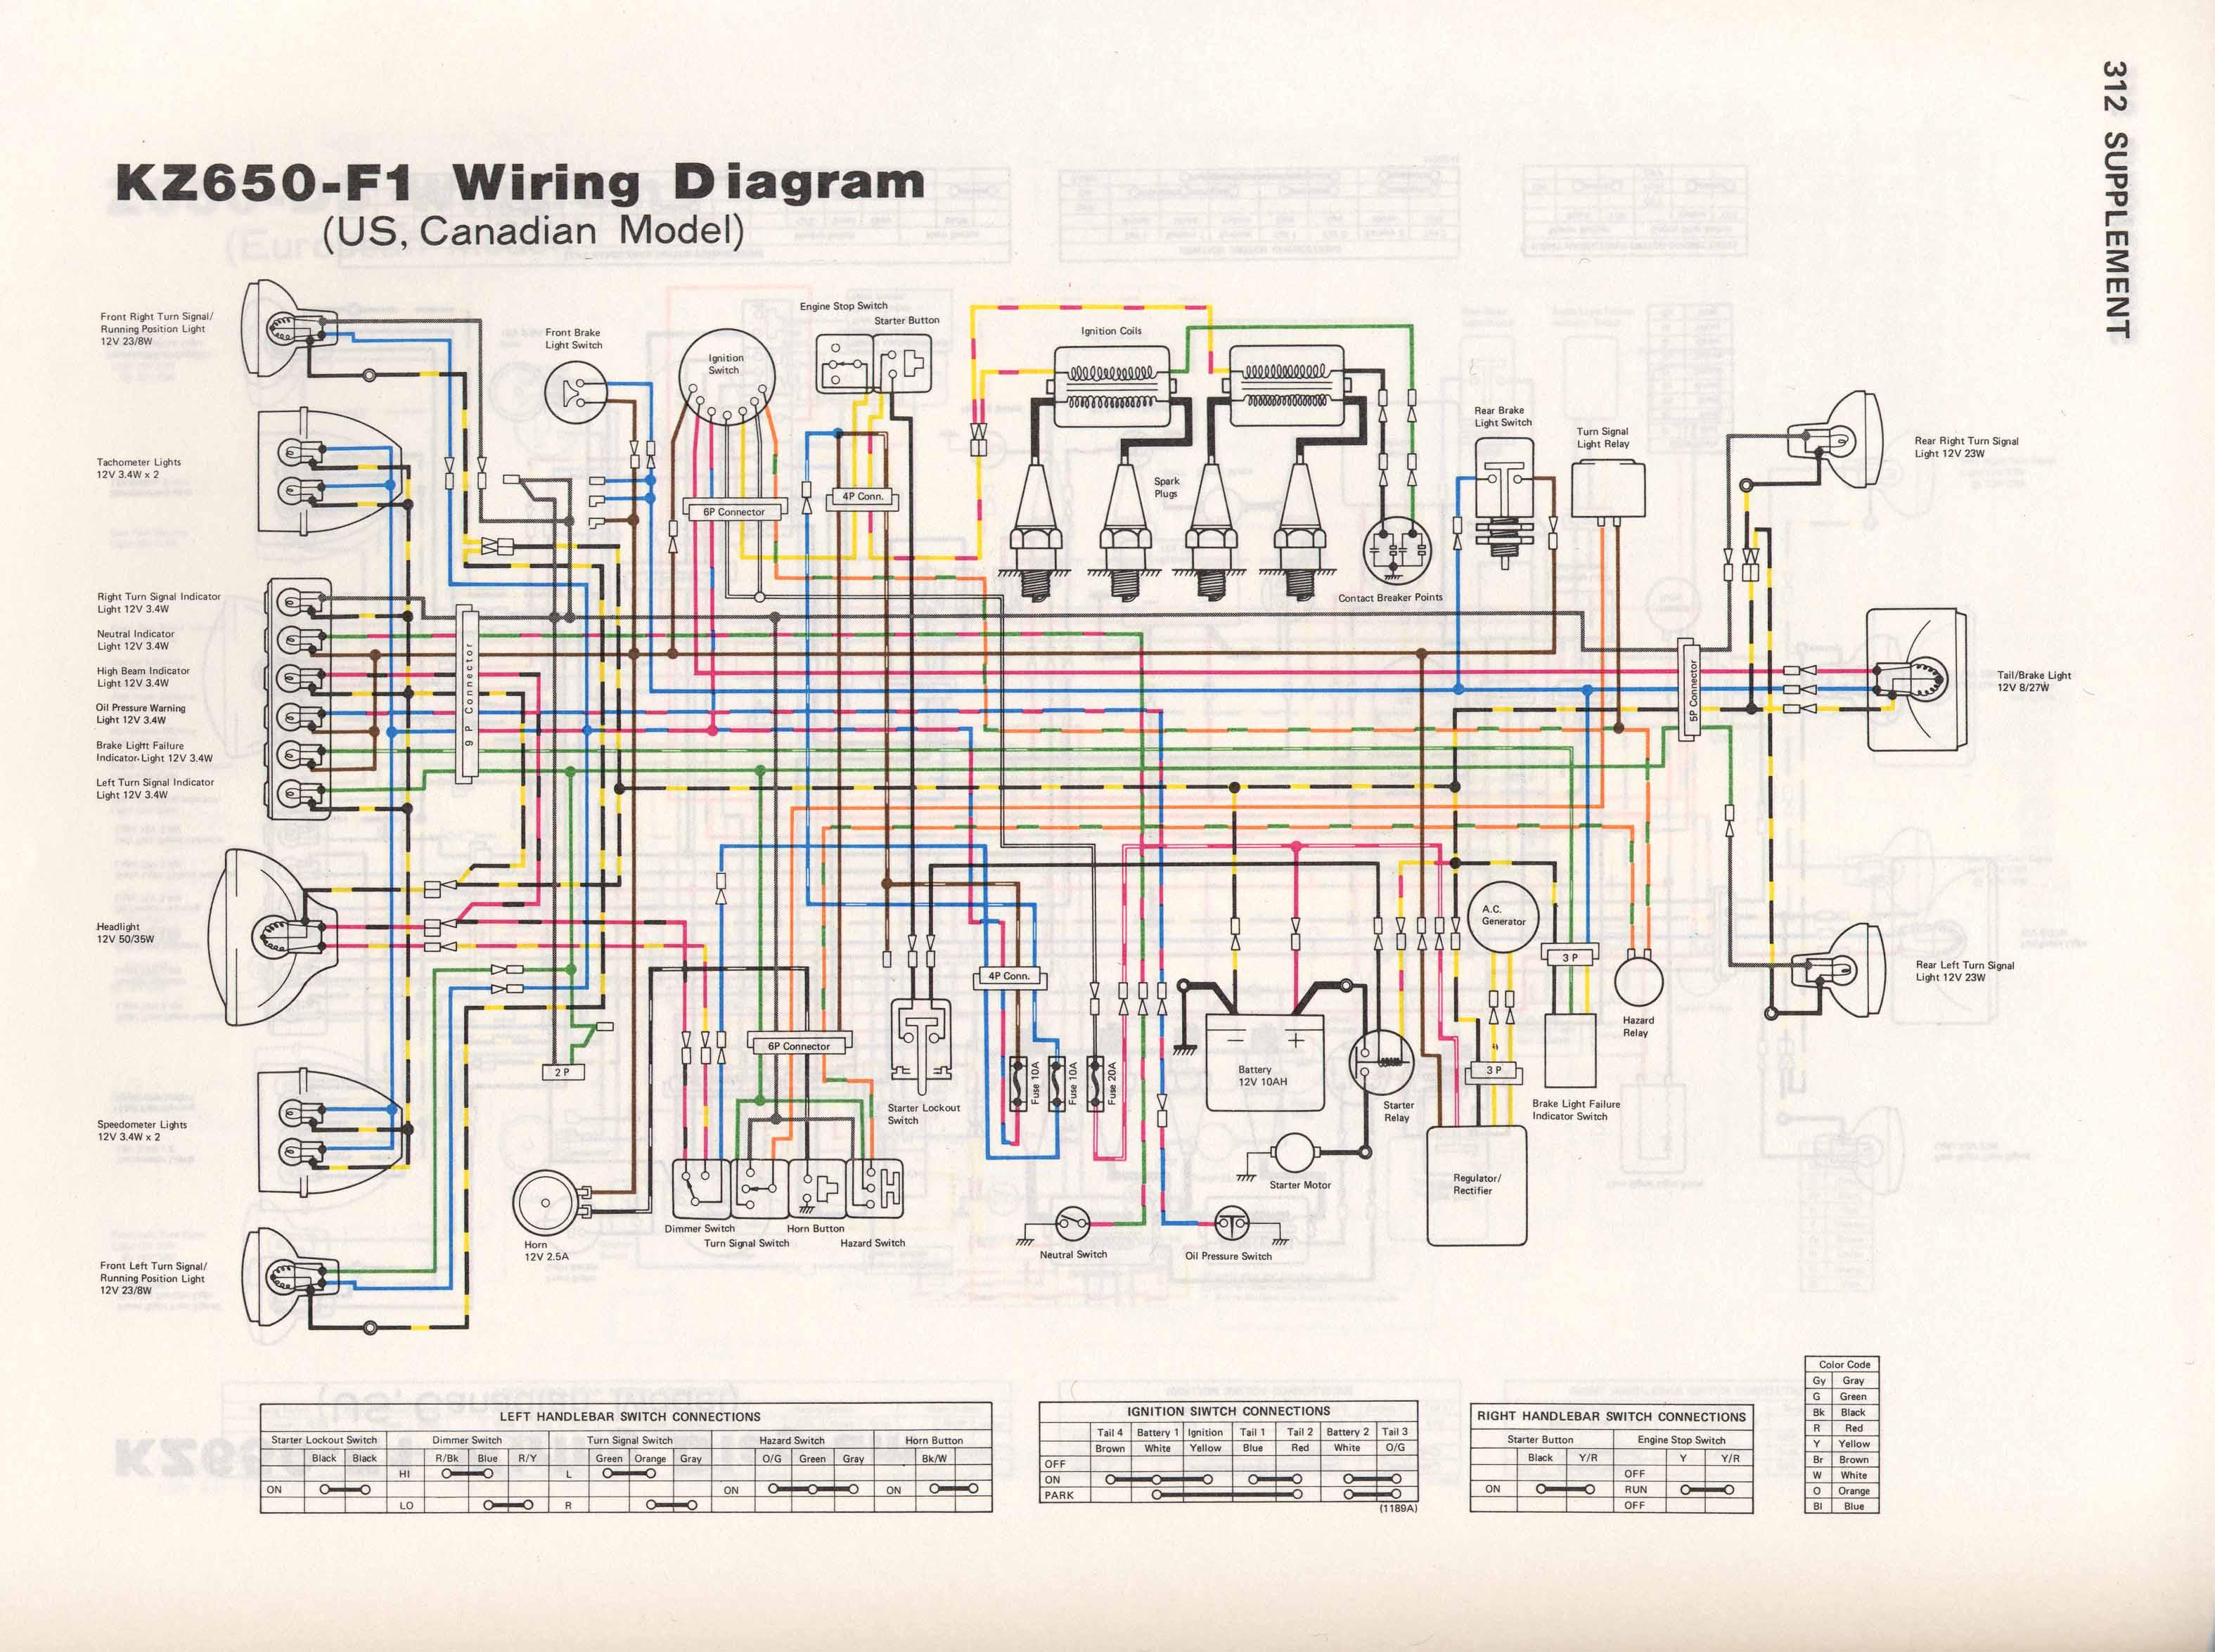 kz750 h1 wiring diagram image 7